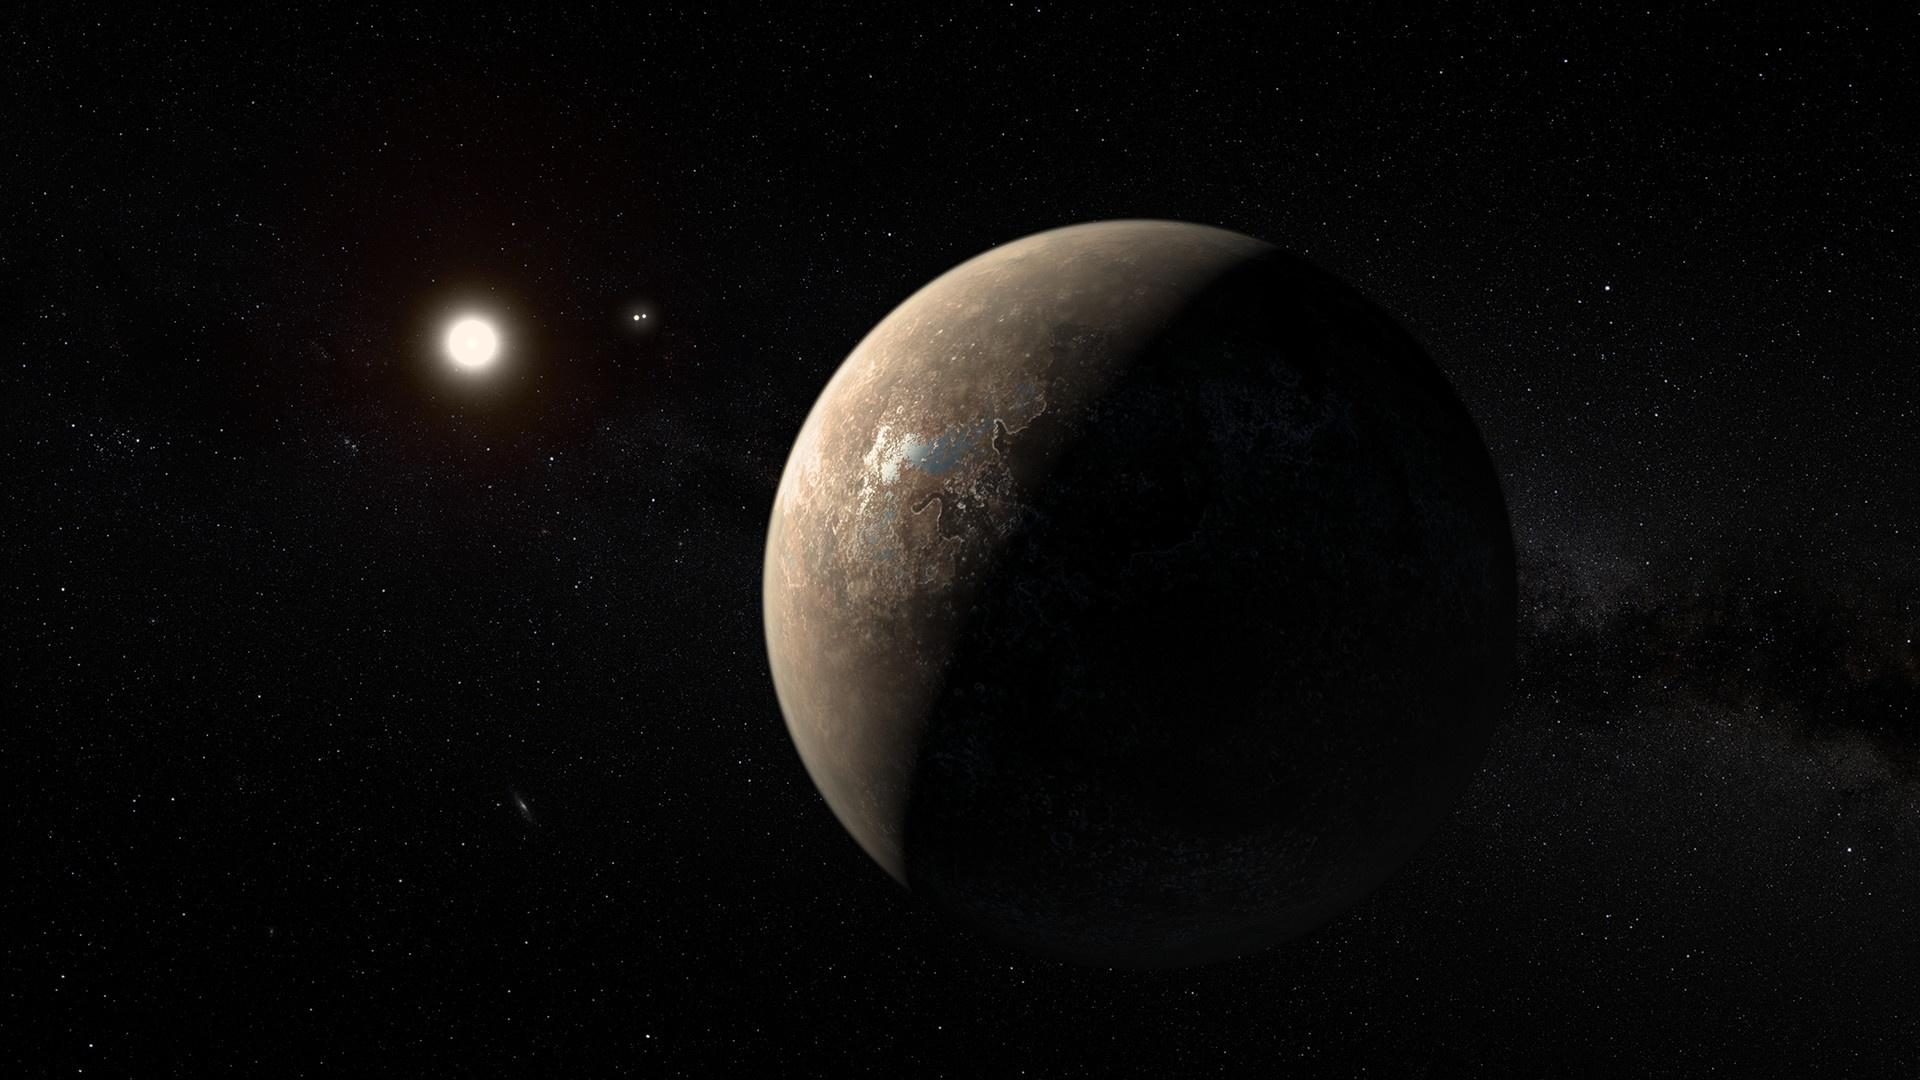 ASI - Vita nello spazio, è online il sito del progetto sostenuto dall'ASI